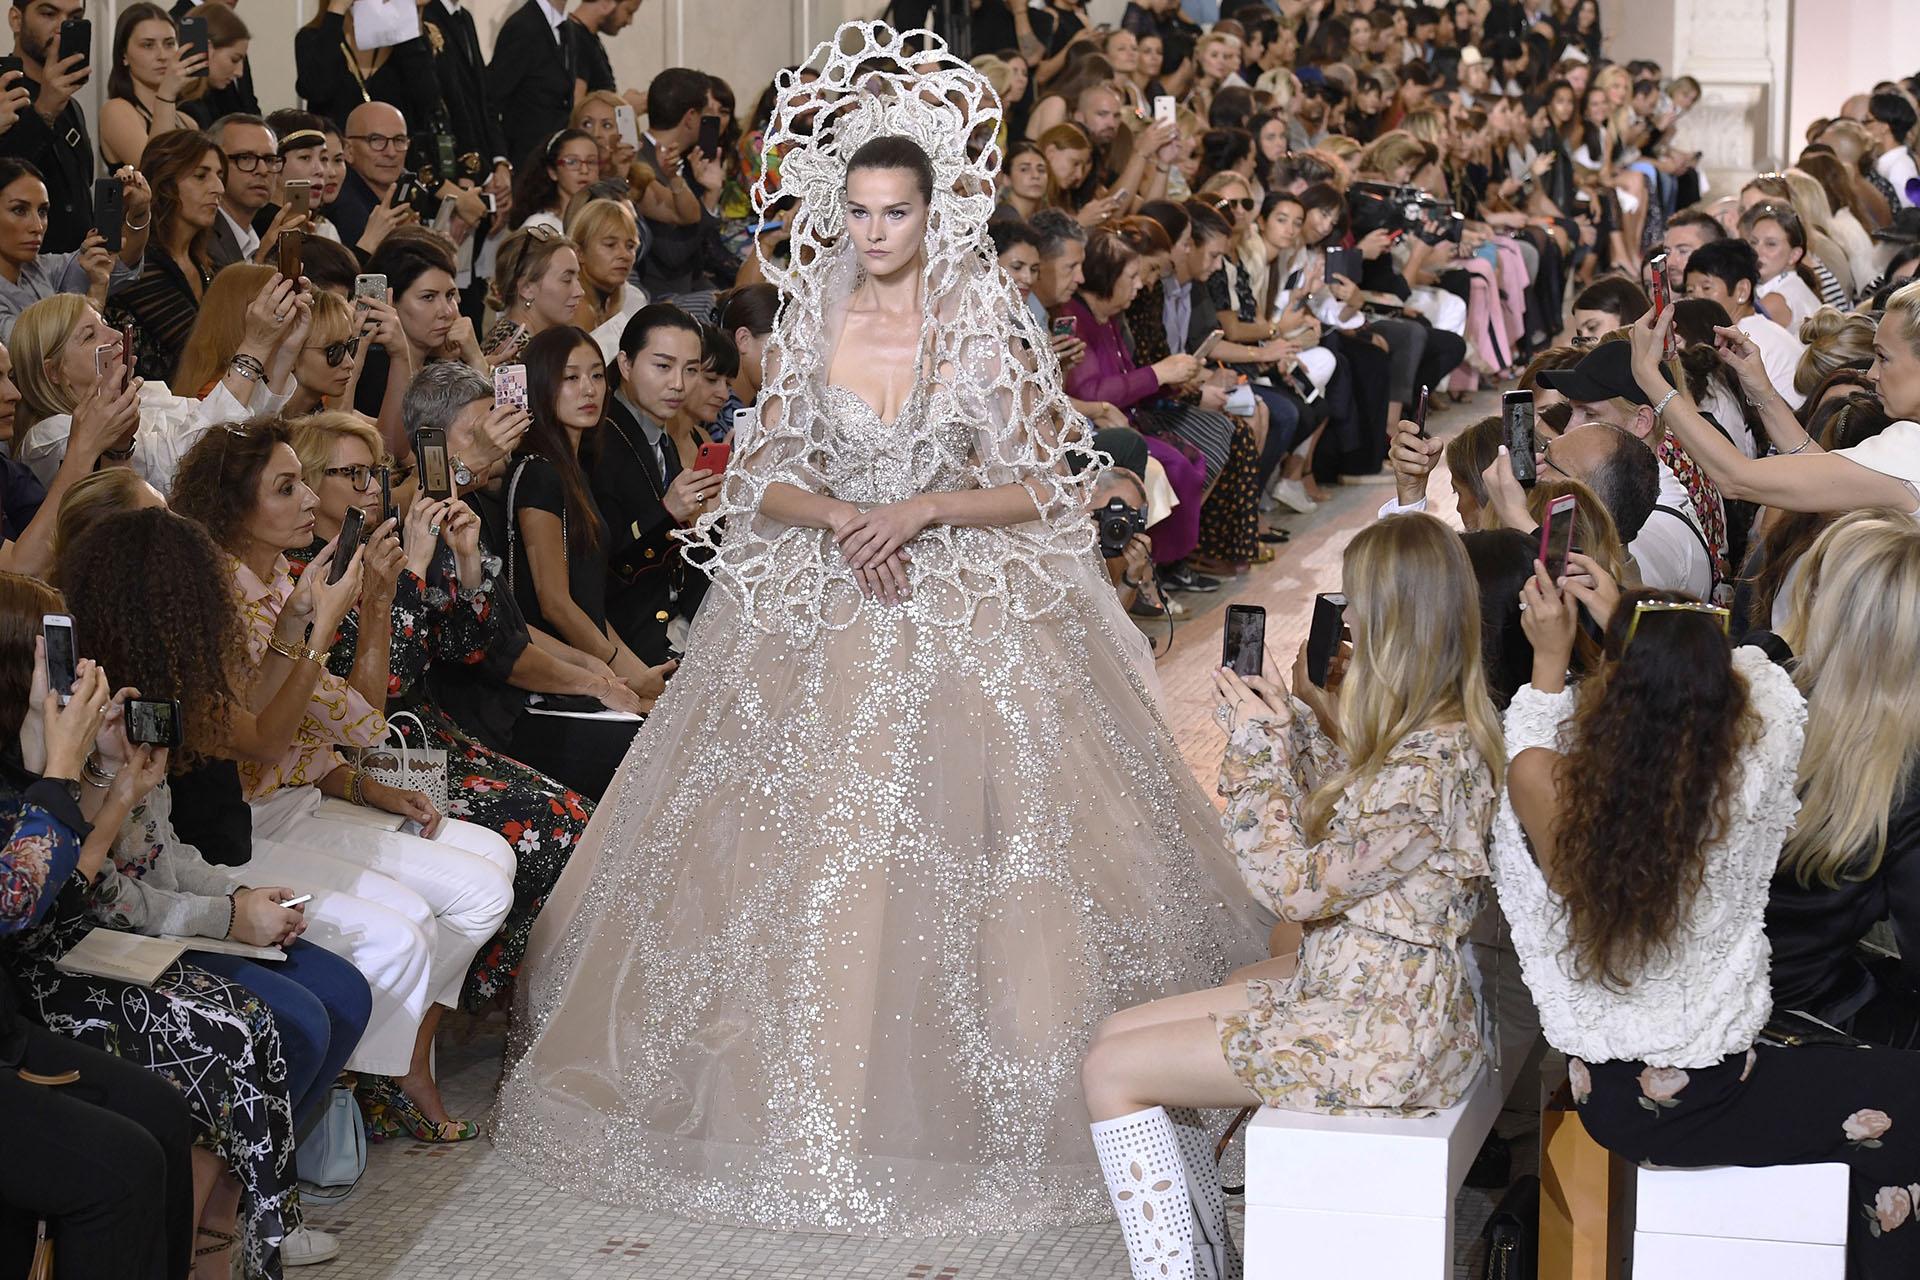 Sea alta costura o de temporada, Elie Saab presenta siempre un modelo de novia. Para el cierre de su desfileideó un diseño romántico pero moderno con un vestido escote corazón y una gran falda princesa bordada y tocado realizado a láser con el mismo bordado del modelo